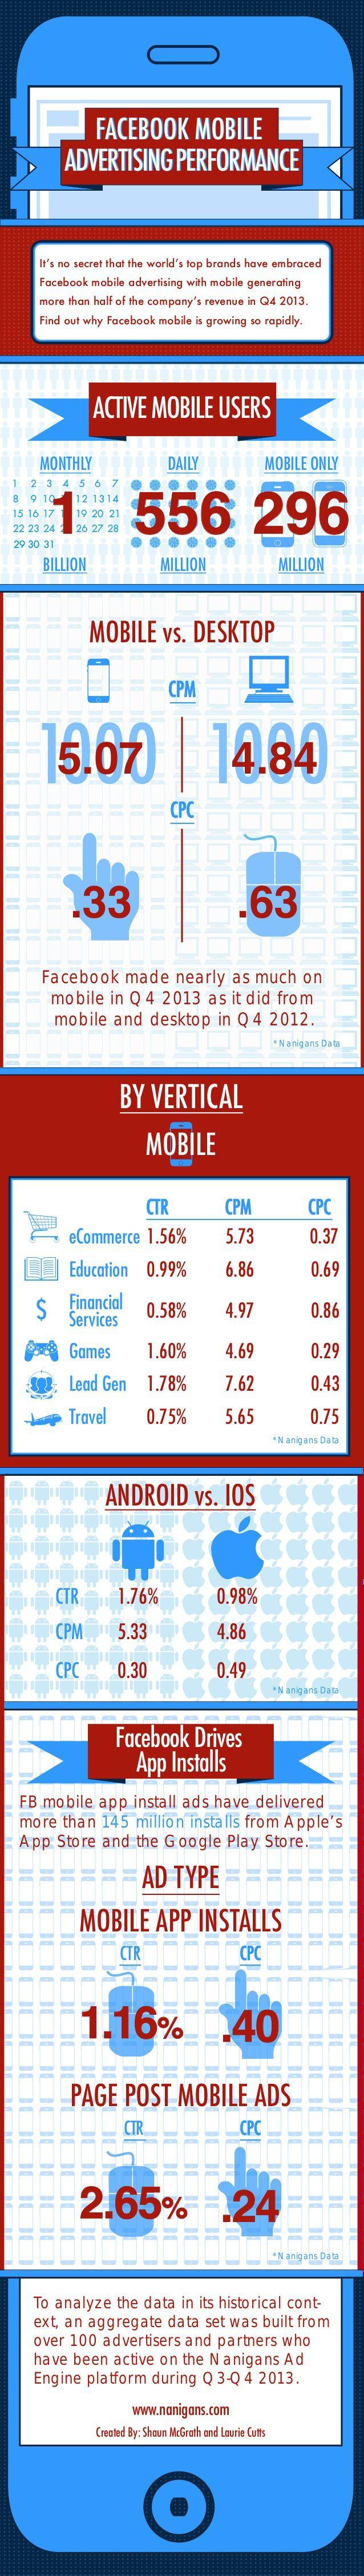 Rendimiento de la publicidad móvil de FaceBook #infografia #infographic #socialmedia #marketing